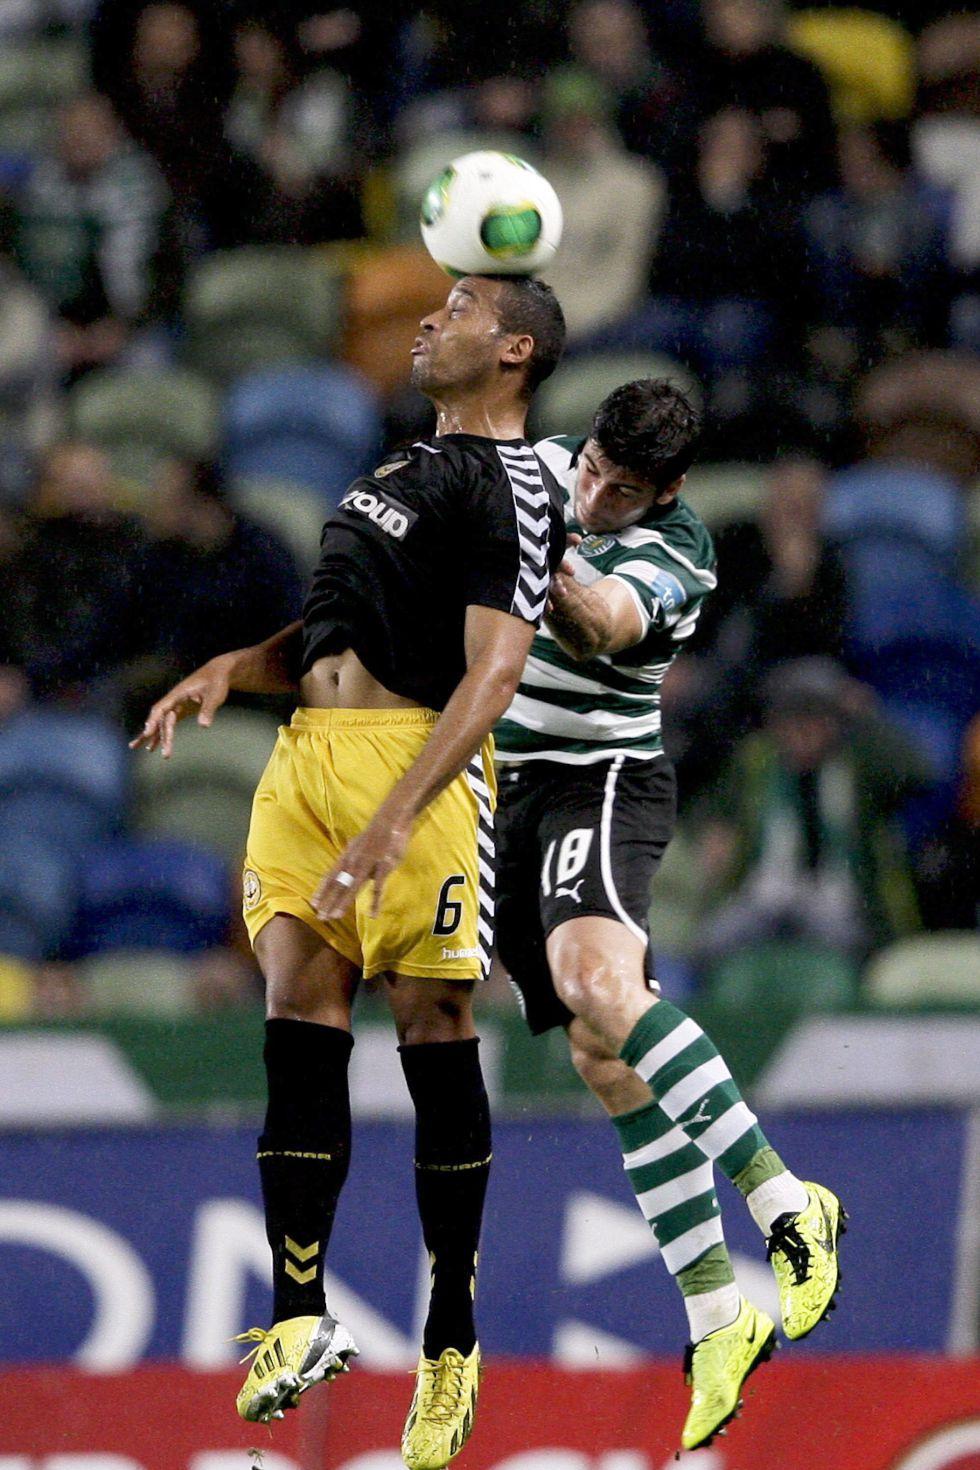 Un golazo del peruano Carrillo pone al Sporting séptimo